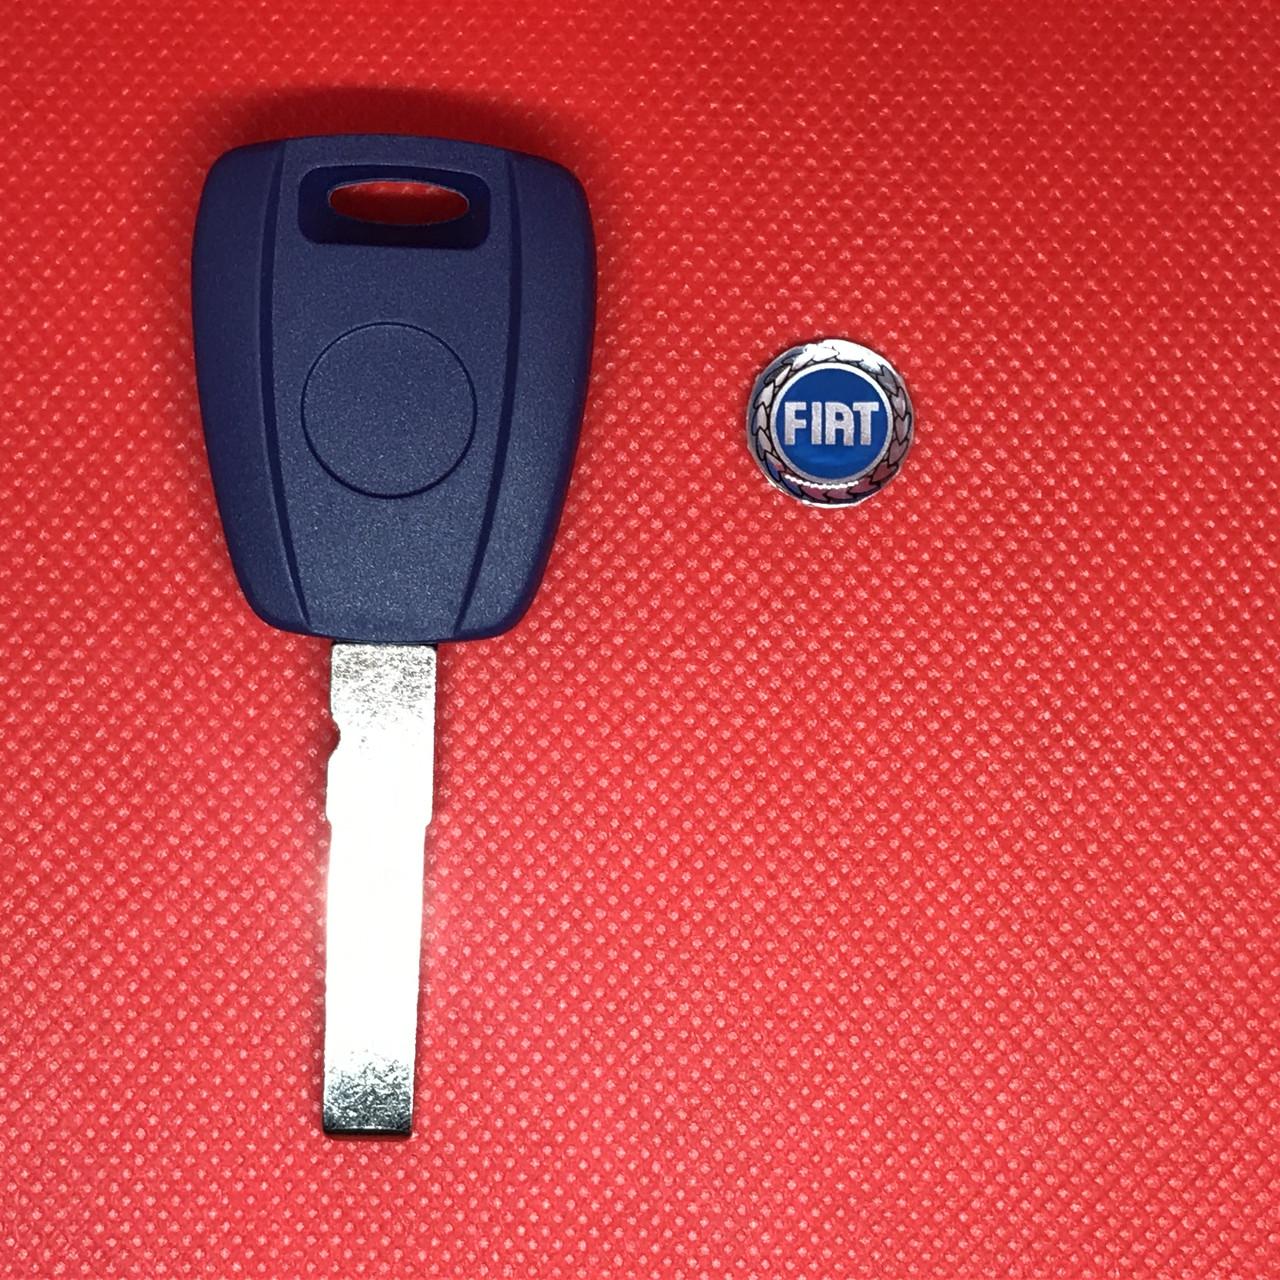 Корпус авто ключа под чип для Fiat (Фиат) с лезвием SIP22